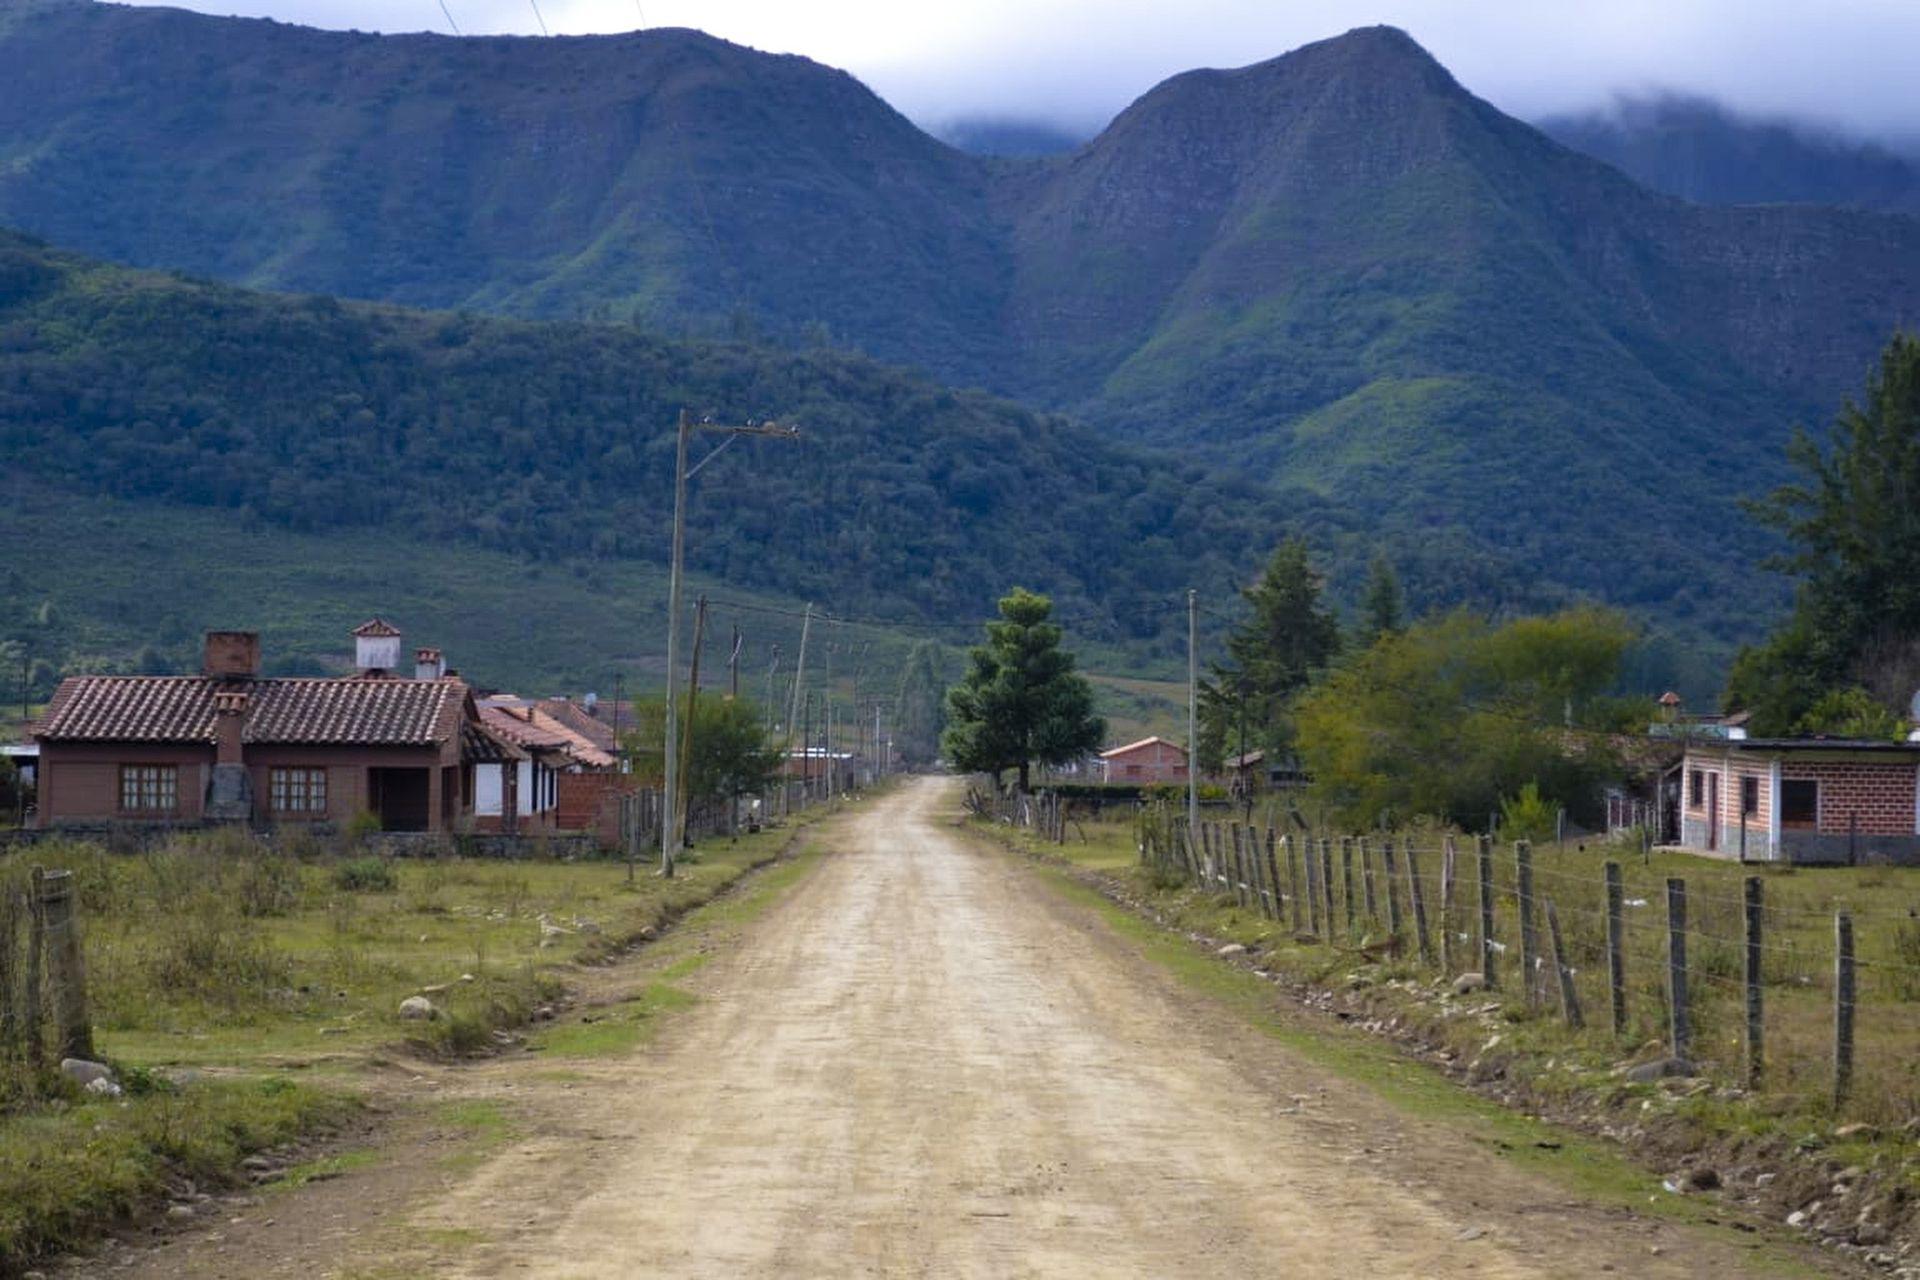 El pueblo tiene 3300 habitantes